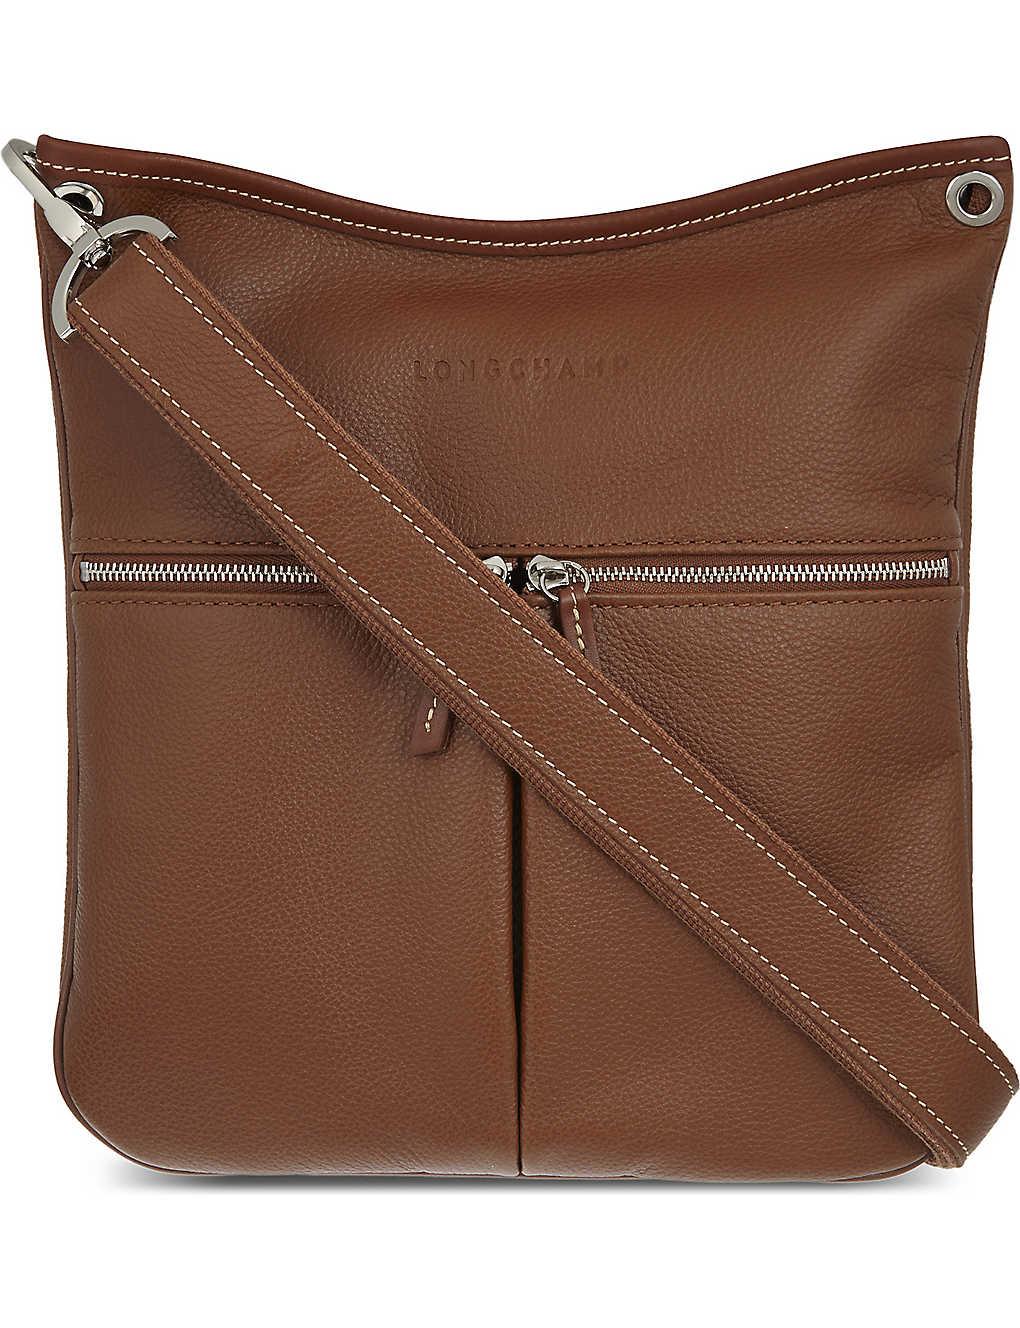 1540d5bd5b LONGCHAMP - Le Foulonné leather cross-body bag   Selfridges.com